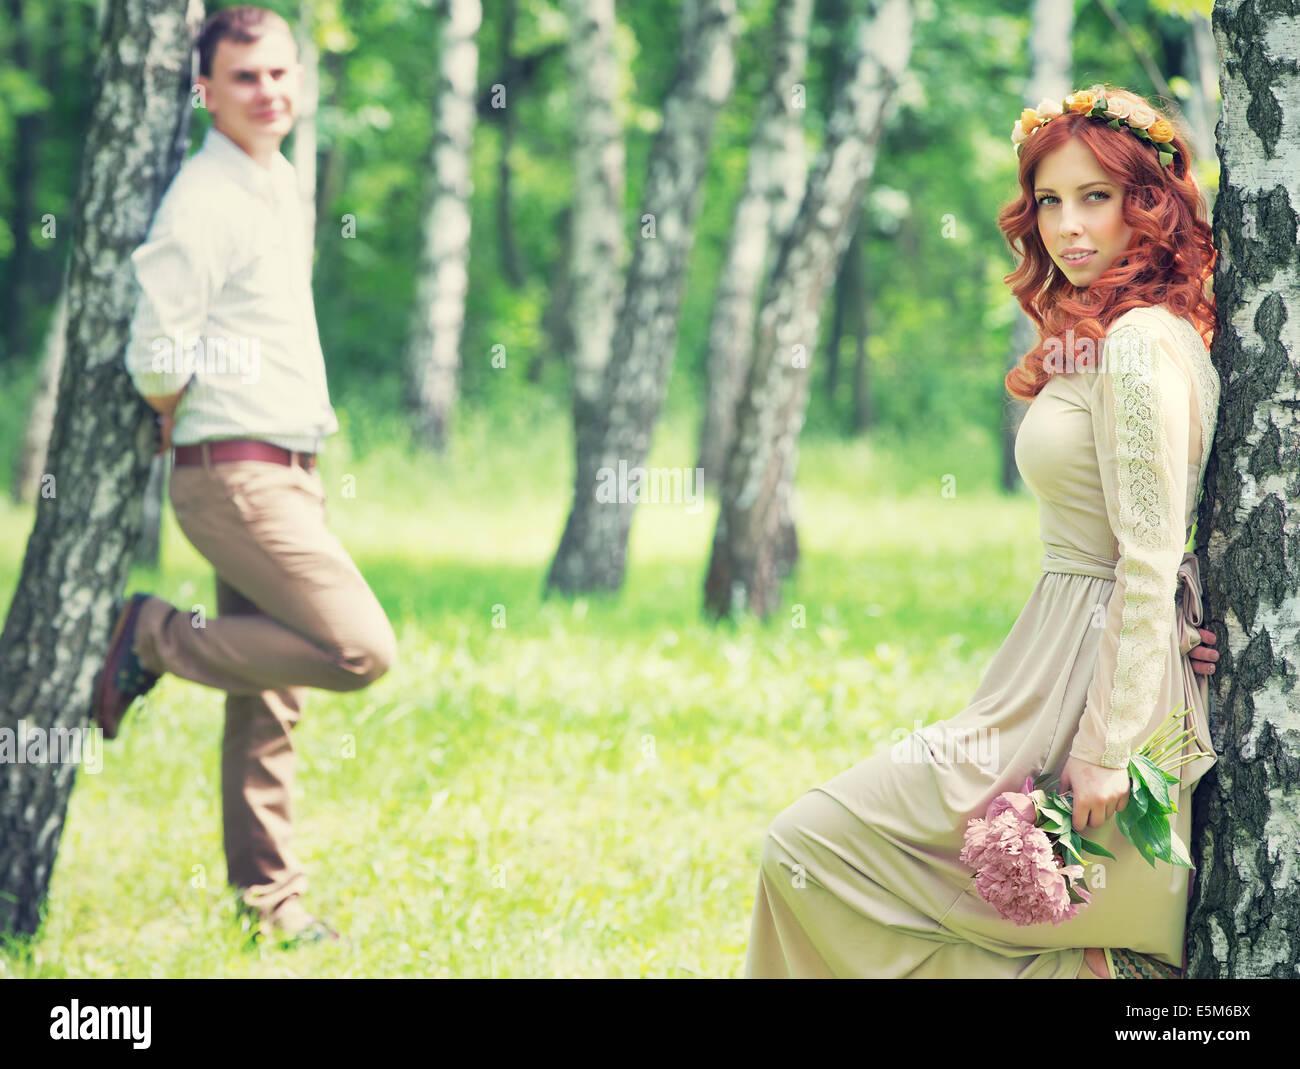 Romantische sanfte Brautpaar schön posiert in der Nähe von Birken, schöne junge Liebespaar, Sommer Stockbild